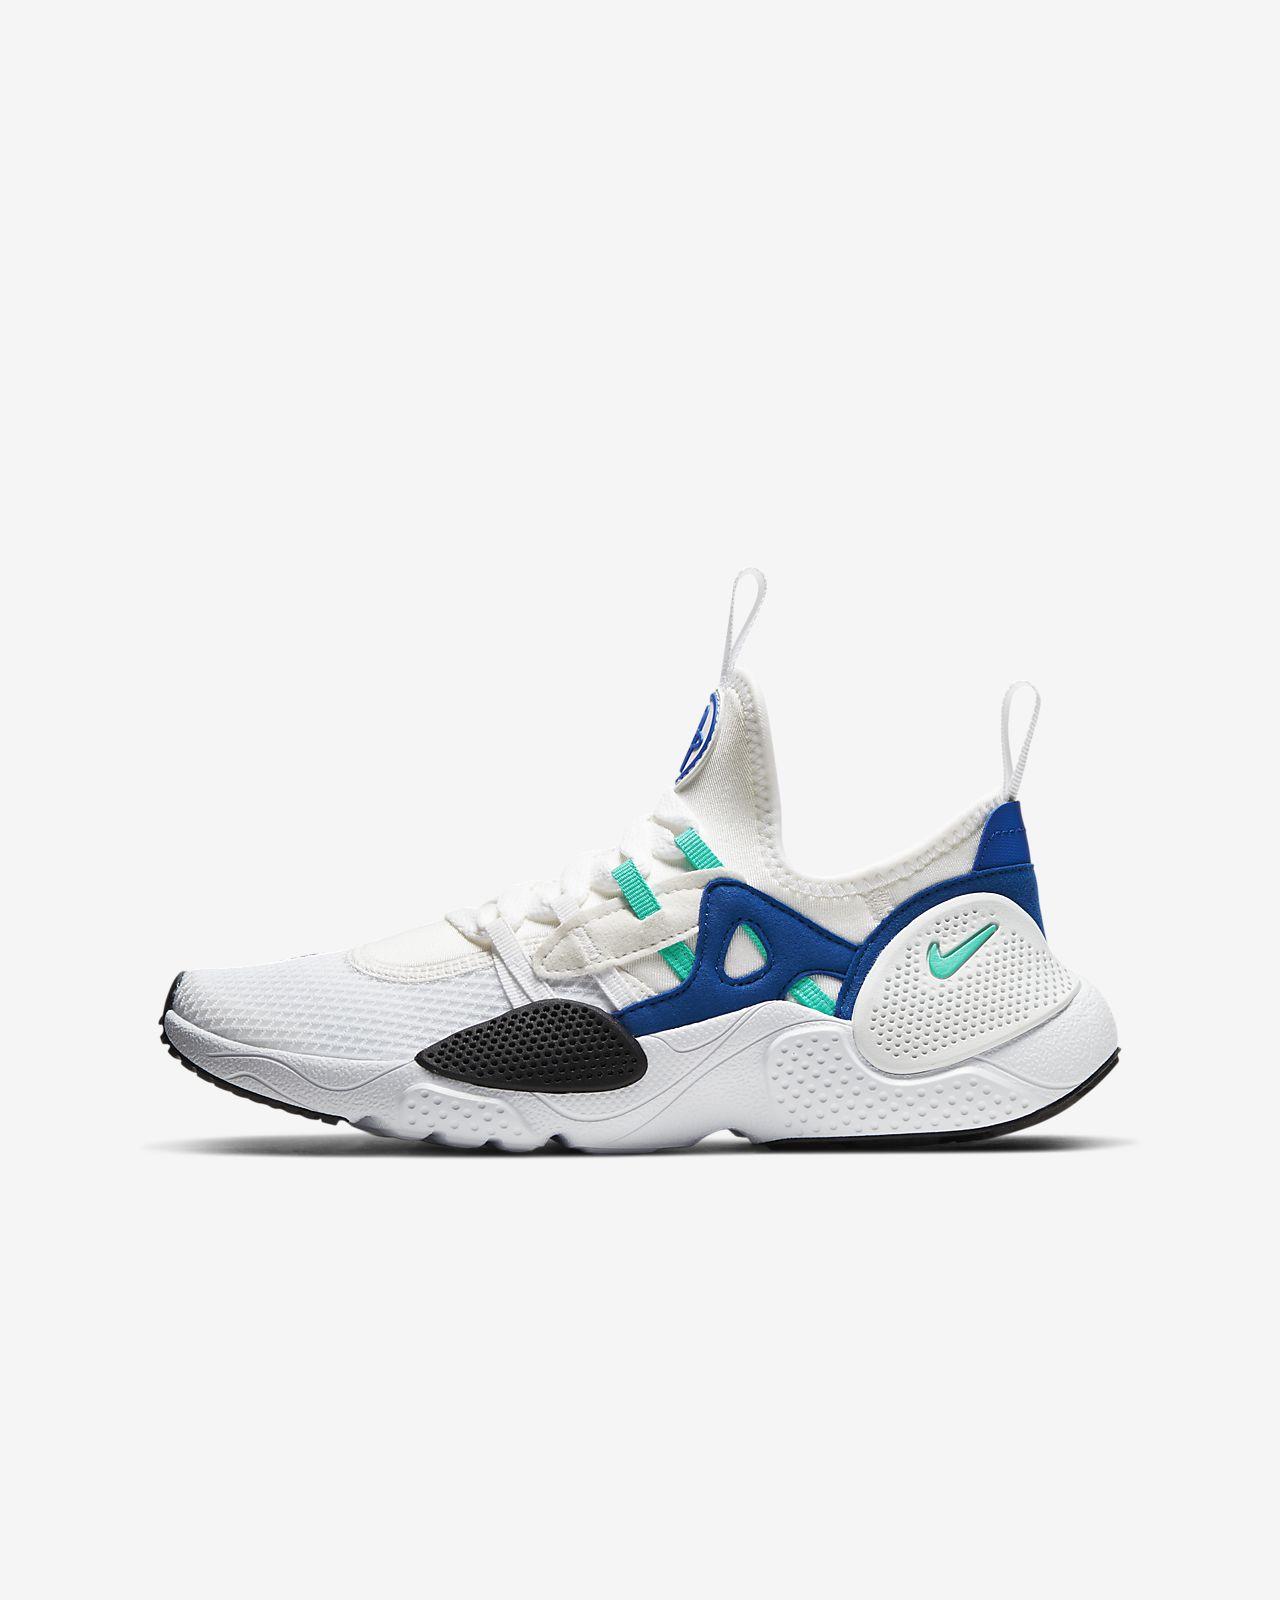 d2f174080 Nike Huarache E.D.G.E. TXT Big Kids  Shoe. Nike.com